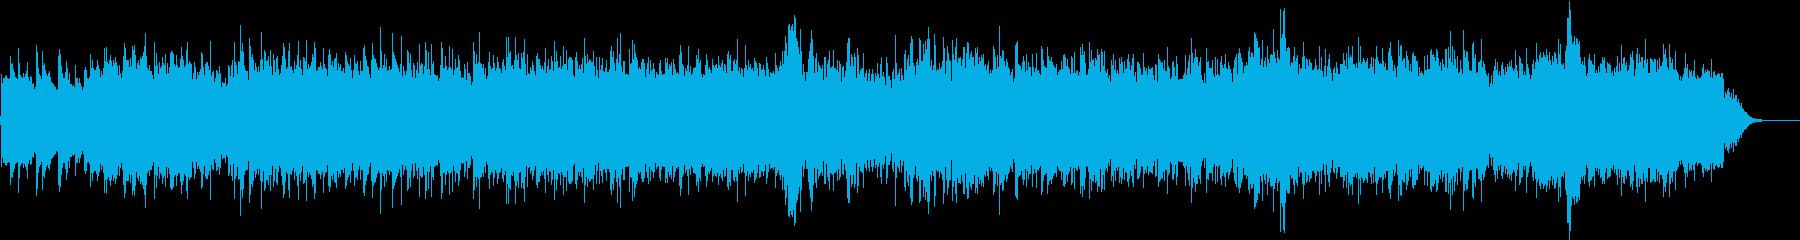 呻くバイオリン・蠢く弦・荒ぶるピアノの再生済みの波形